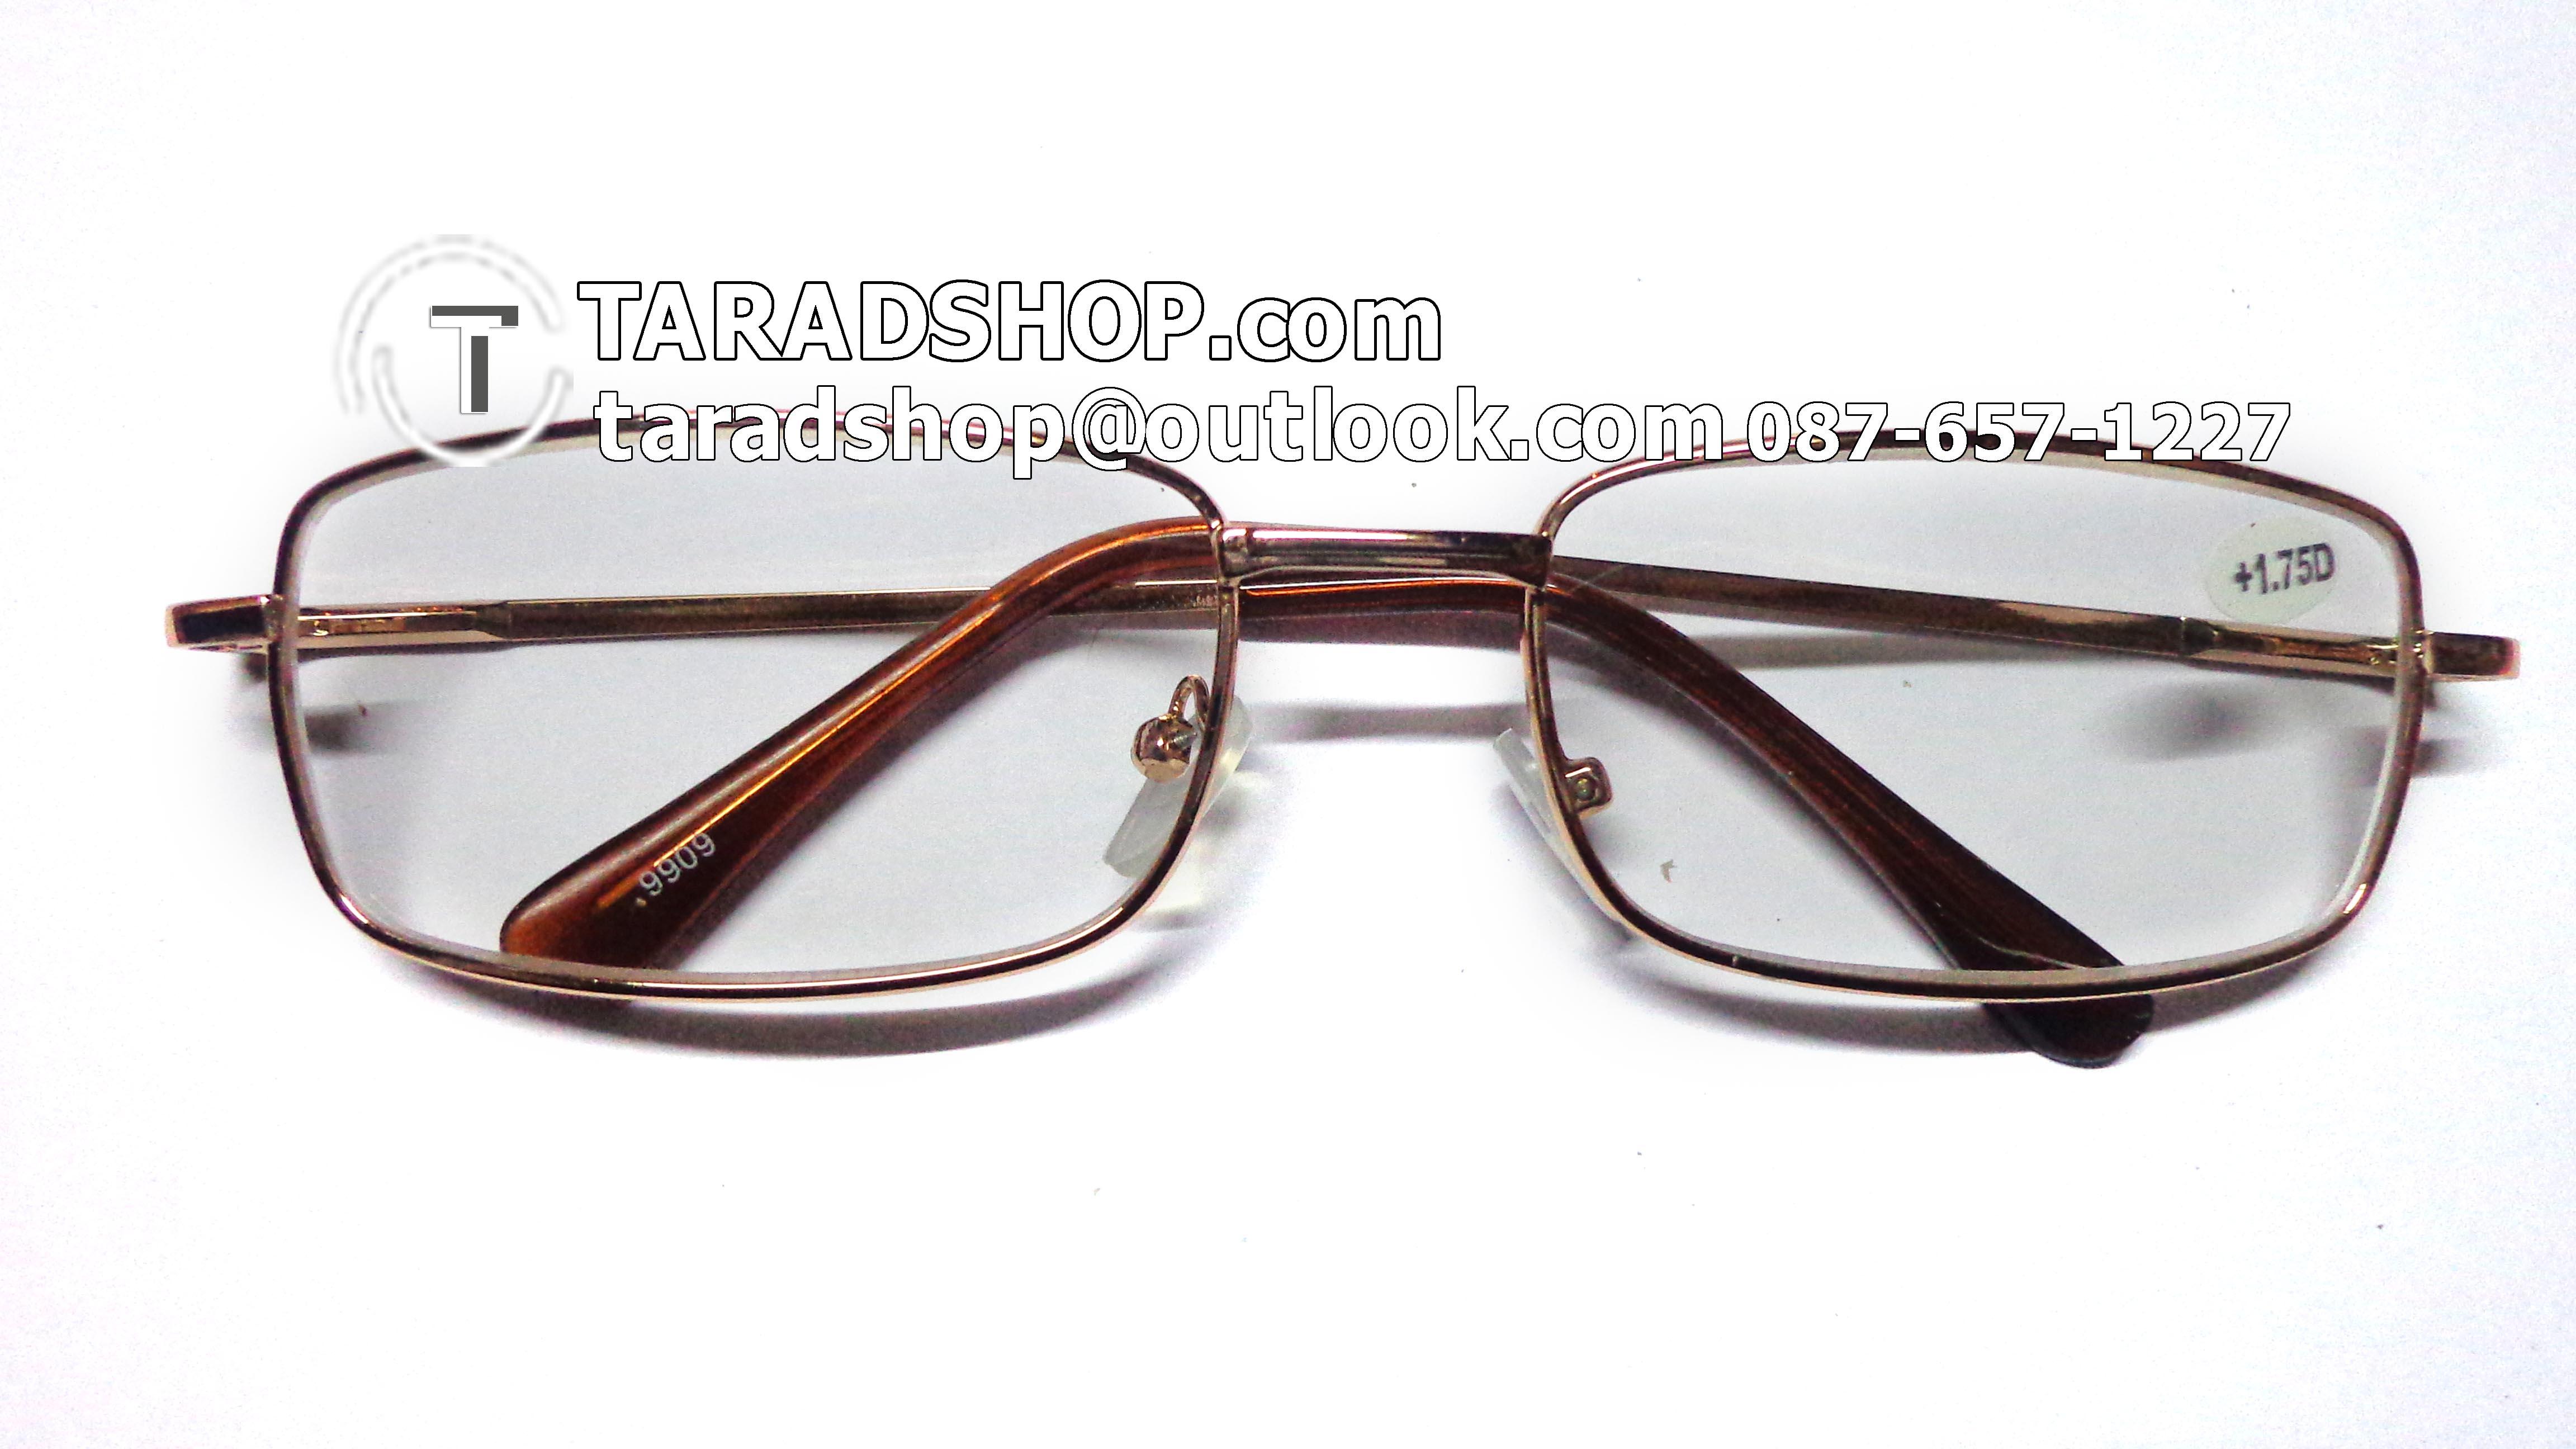 แว่นสายตา ยาว +1.75D ( สีเลนส์ กระจกใส ) สีกรอบ สีทองอ่อน ) ขา สแตนเลส )